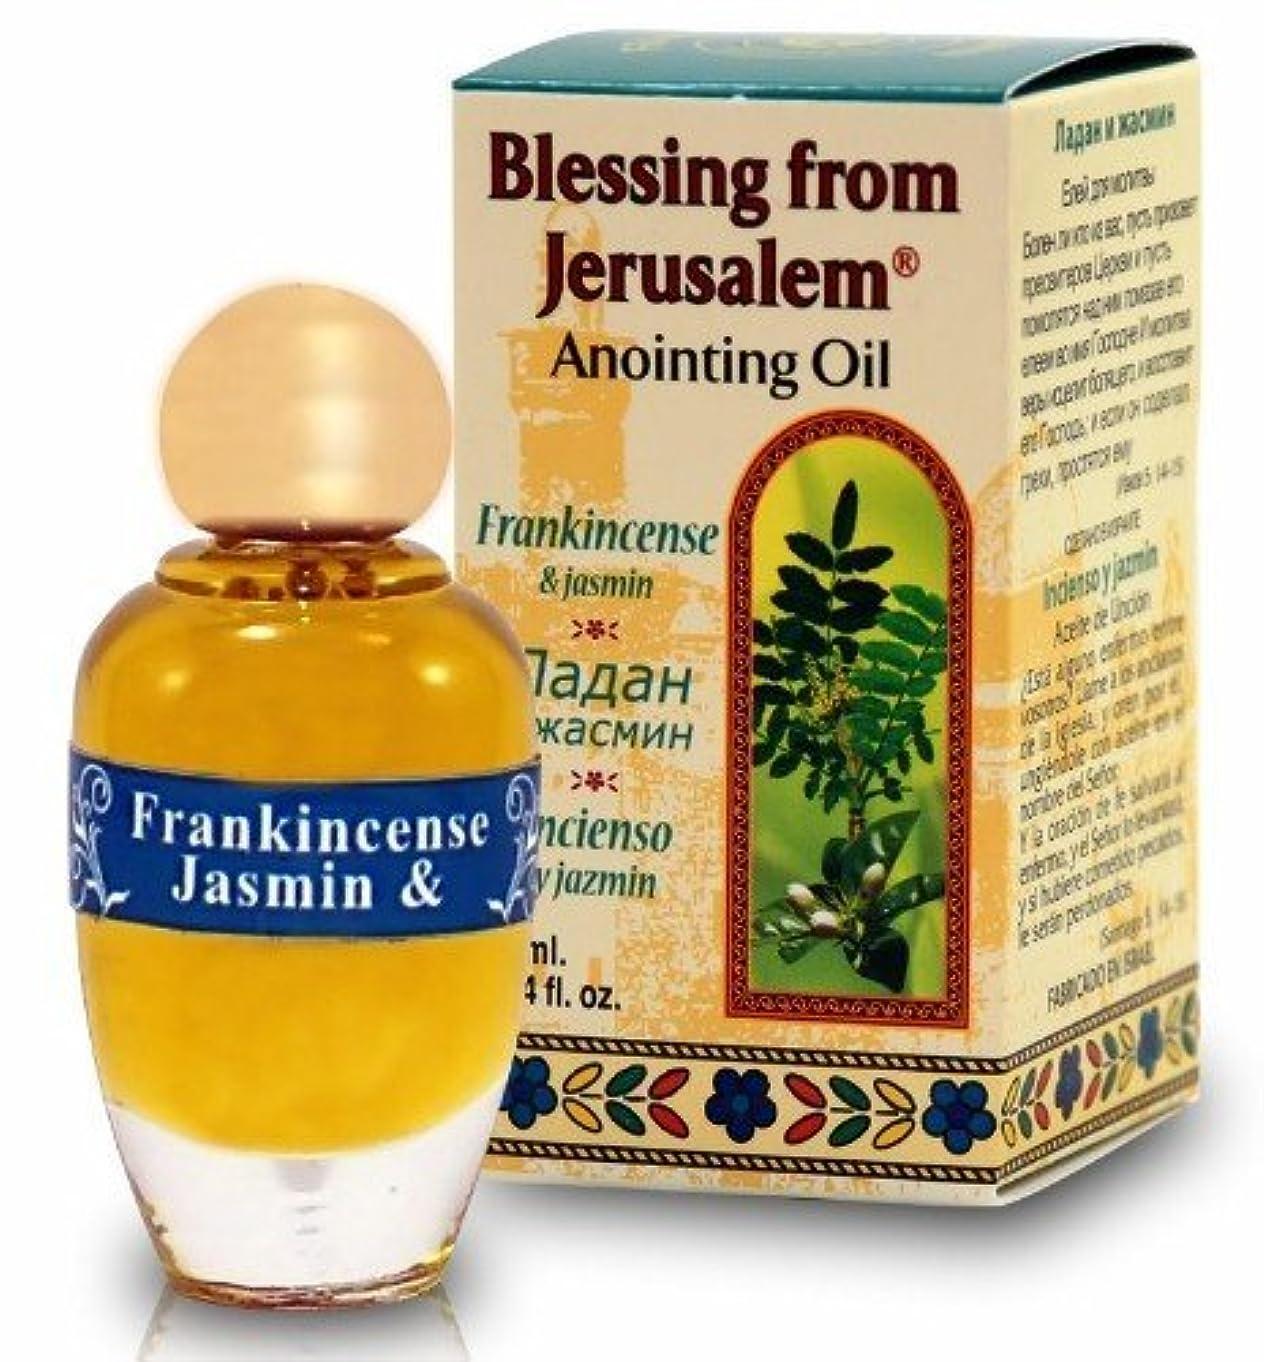 貸し手誰もシャットTop Seller Frankincense &ジャスミンAnointing Oil byベツレヘムギフトTM